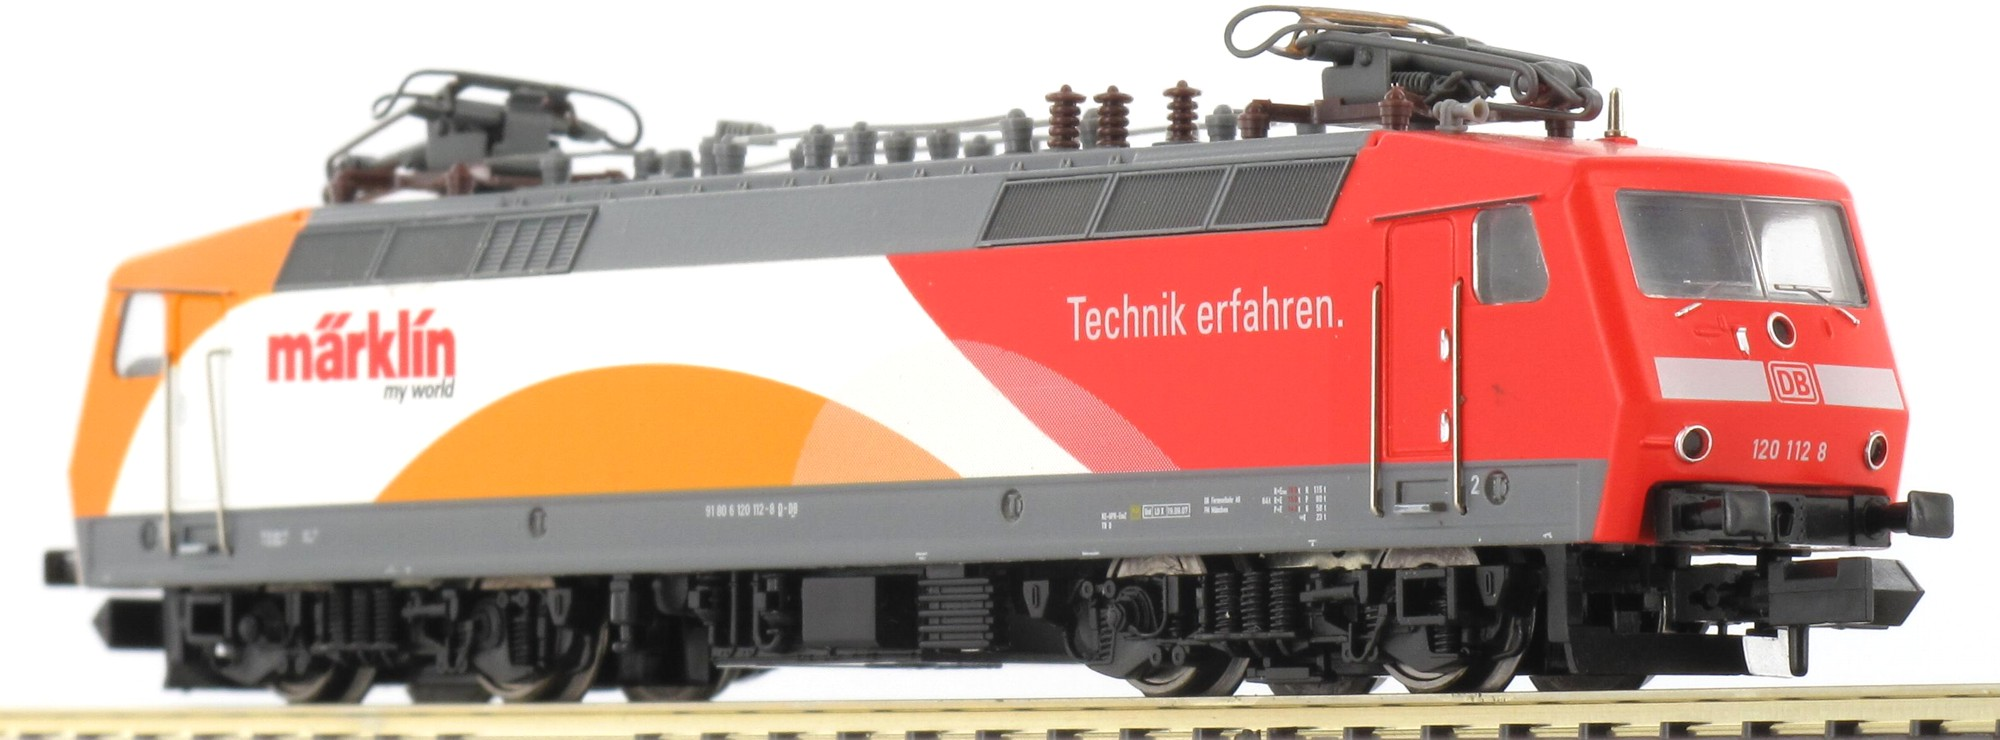 N Scale - Minitrix - 16023 - Locomotive, Electric, BR 120 - Deutsche Bahn - 120 112-8